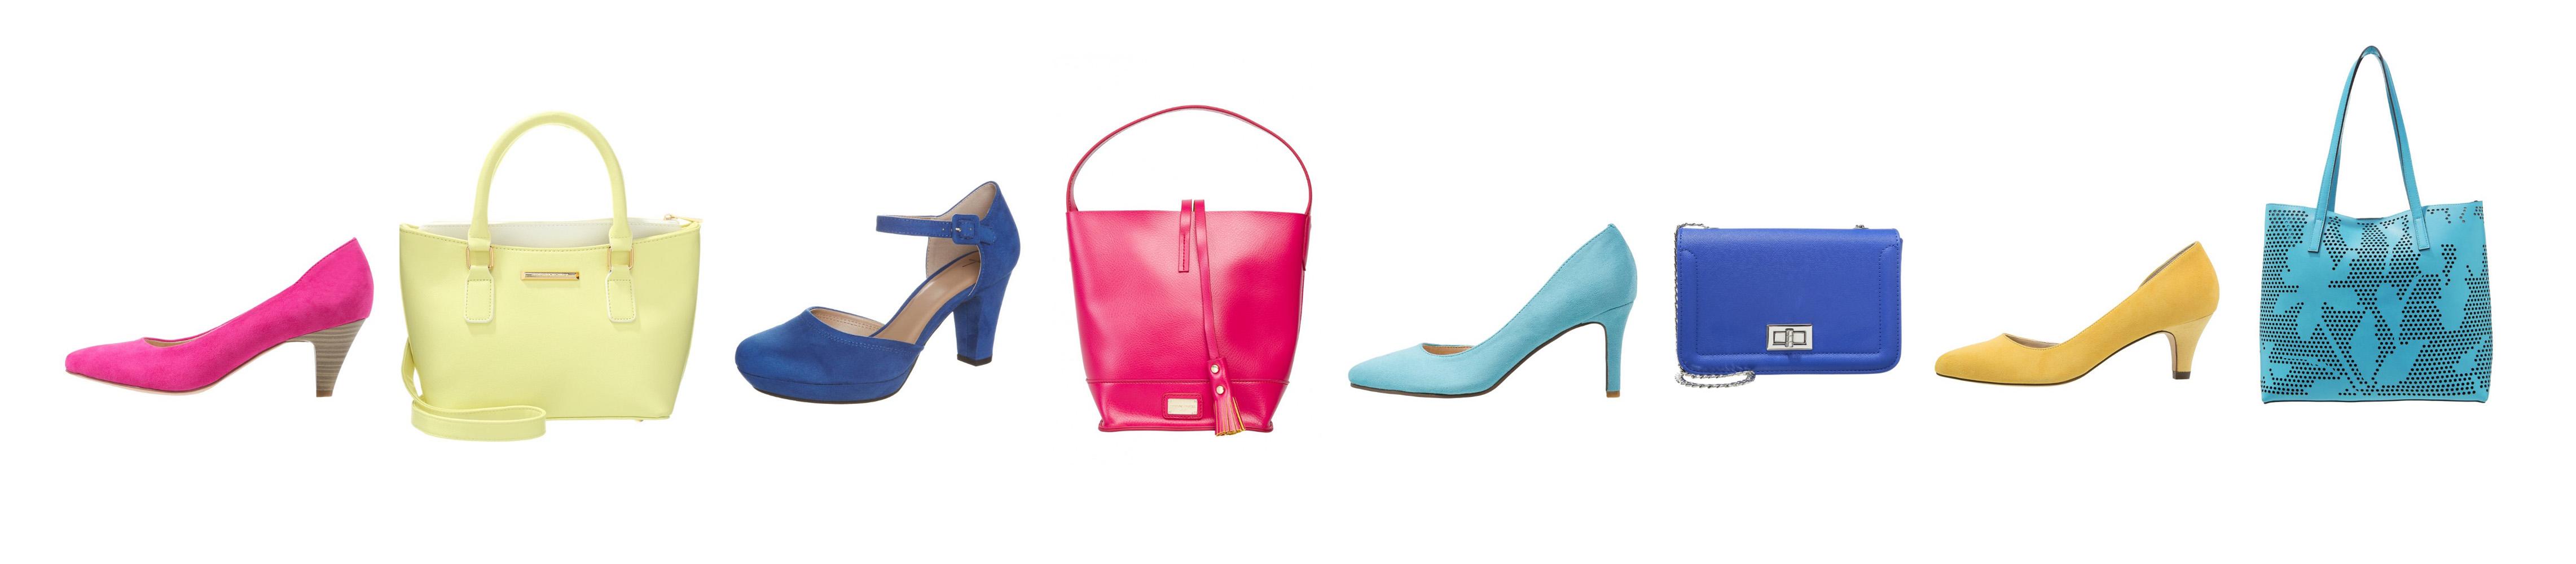 tansze-buty-i-torebki-na-wiosne